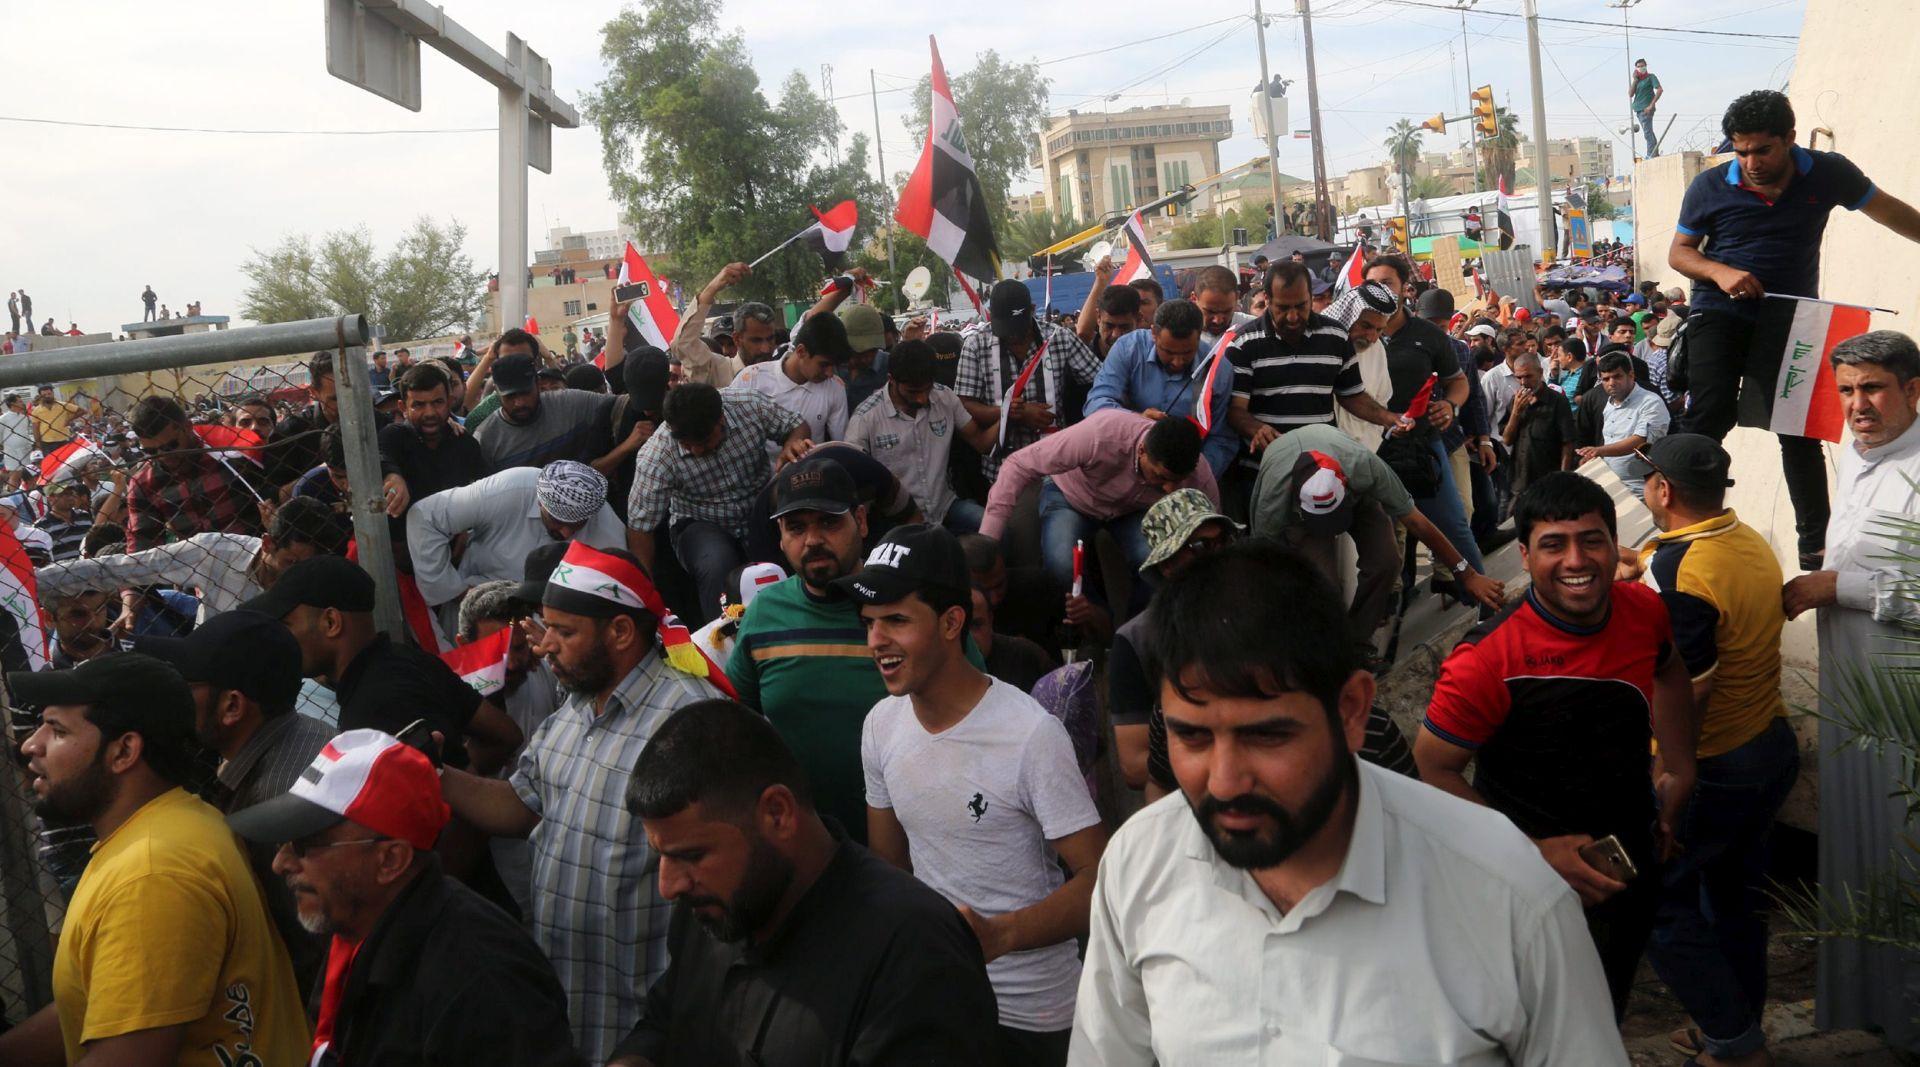 ZAUZELI URED PREMIJERA: Deseci ozlijeđenih u prosvjedu u Bagdadu